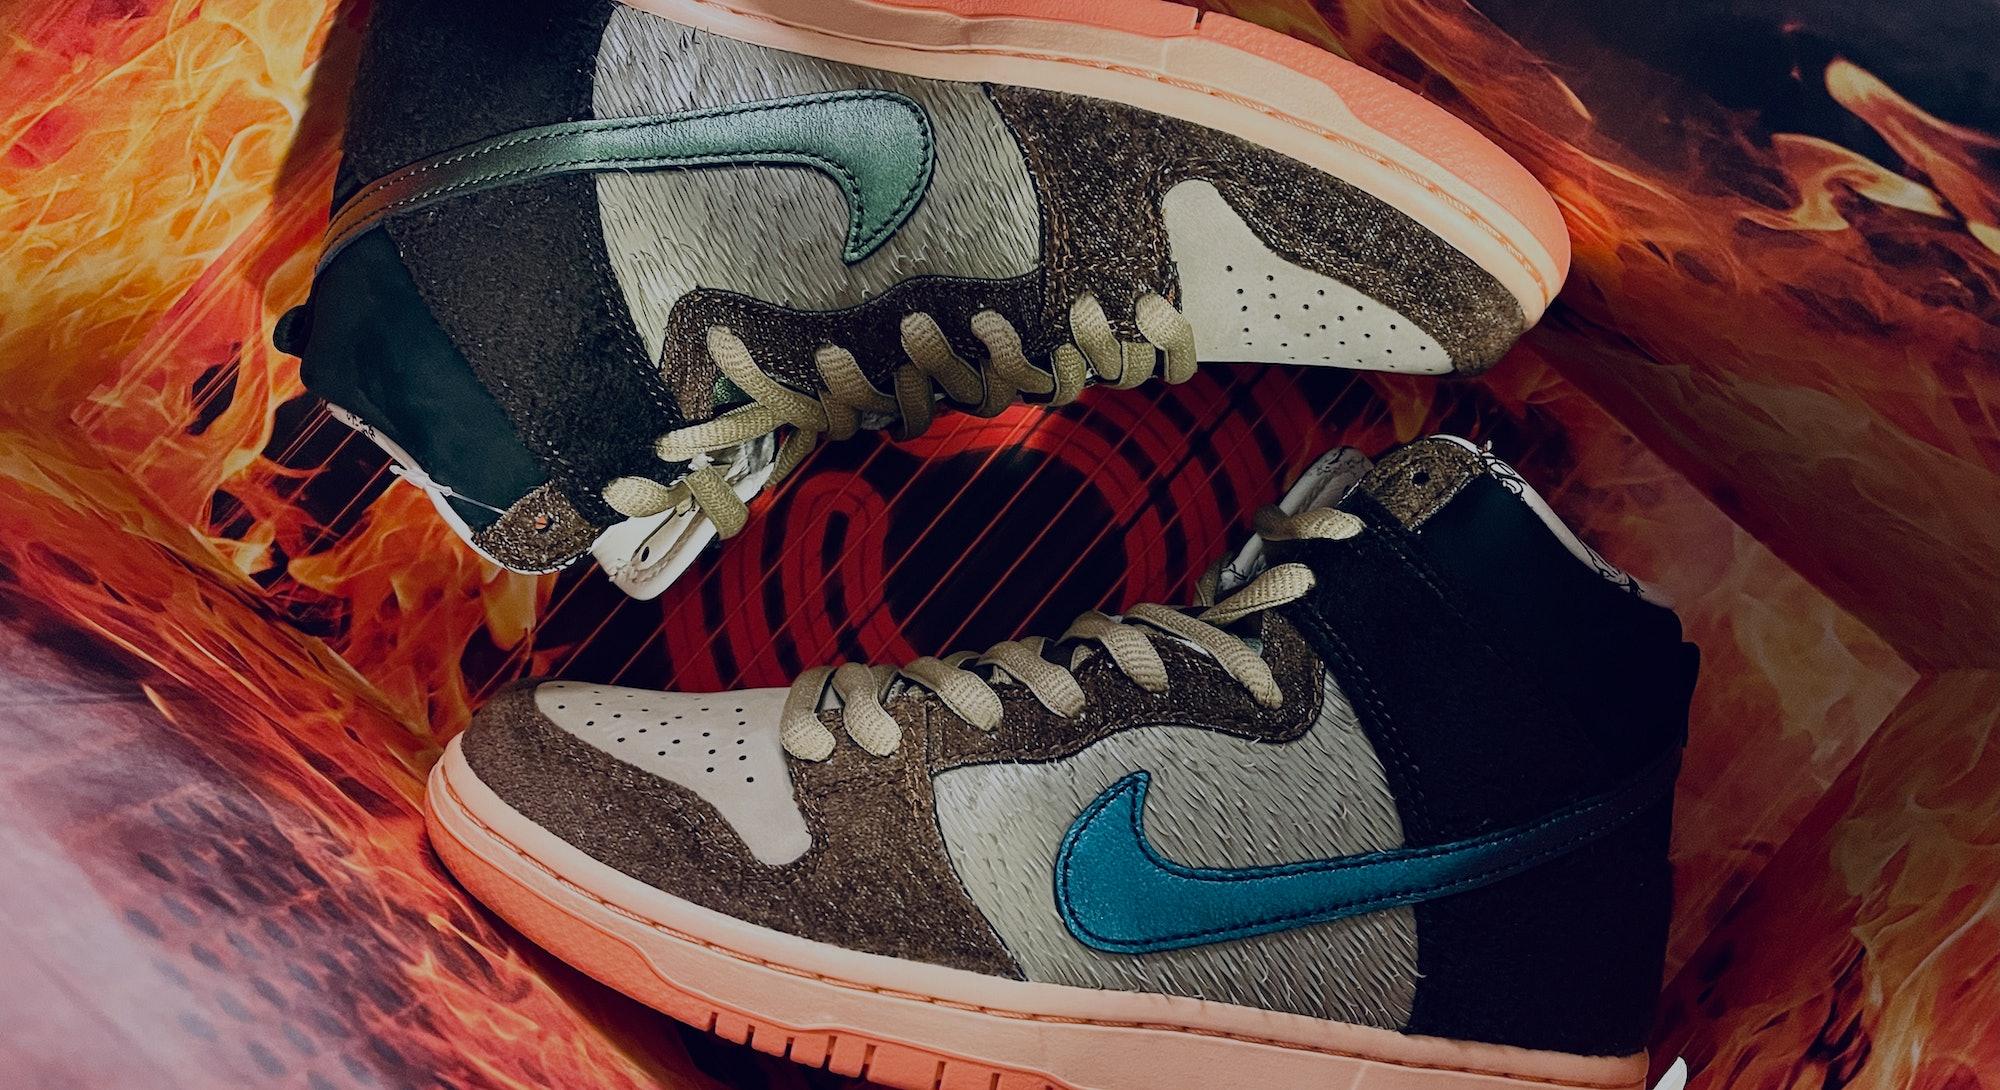 """SB Dunk High """"Mallard"""" sneakers in box"""